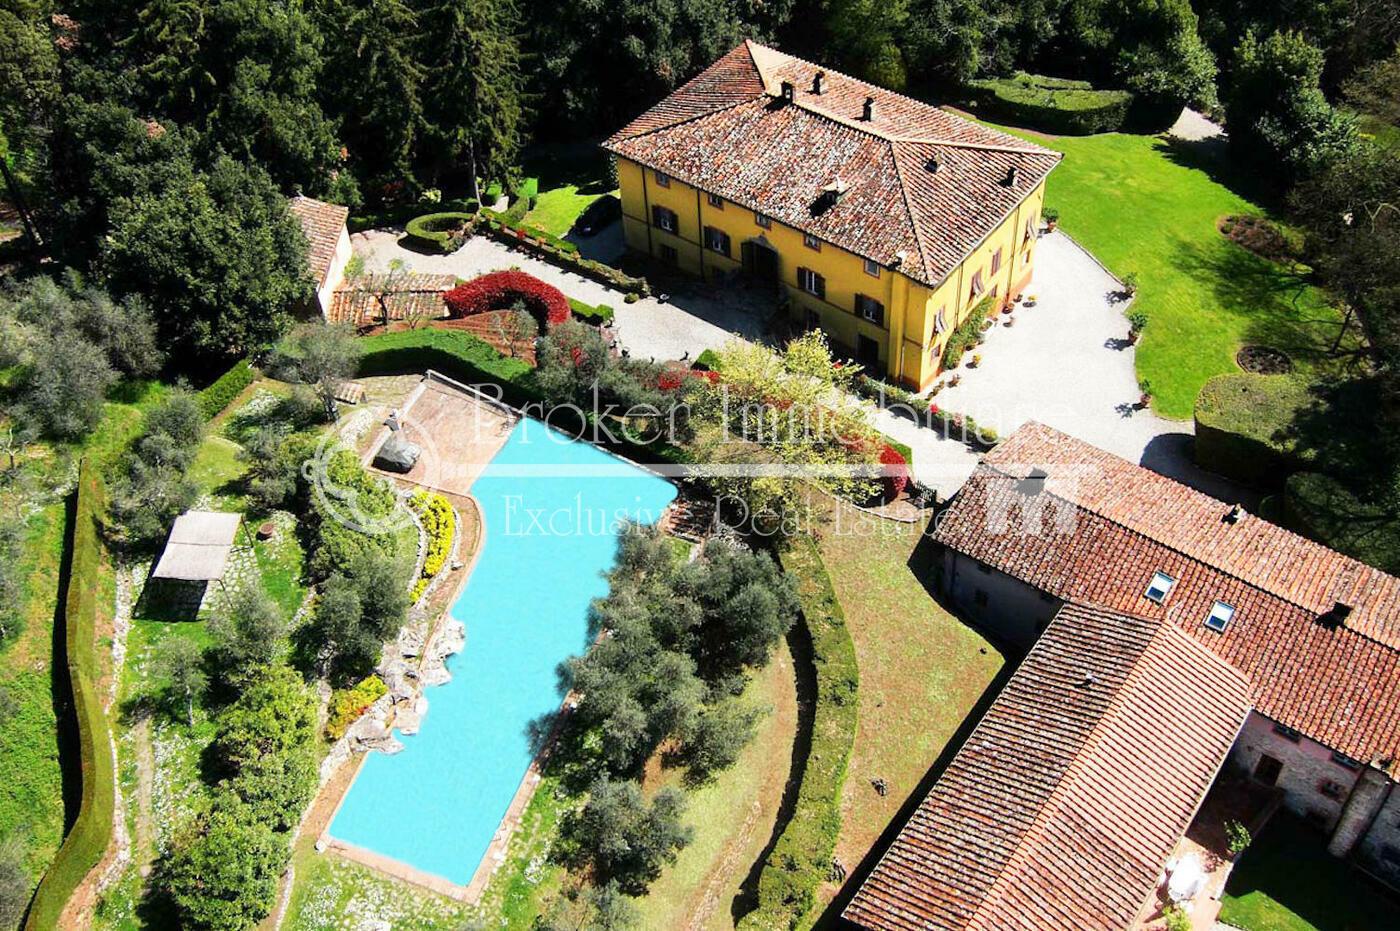 Villa storica in vendita a Lucca con fattoria, annessi e piscina in posizione collinare